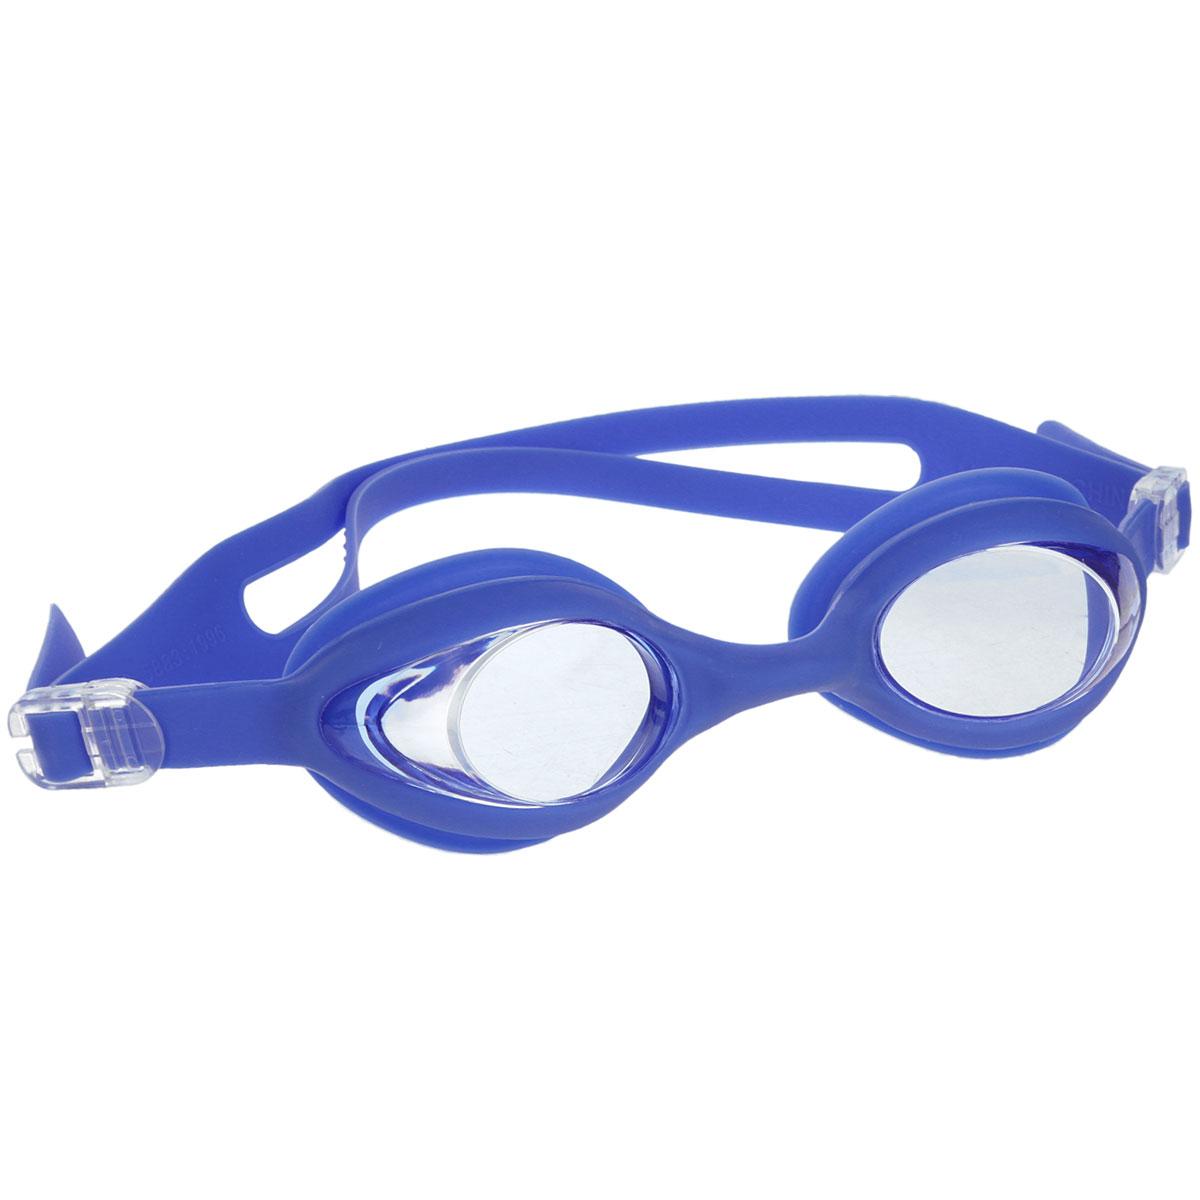 Очки для плавания MadWave Flexy, цвет: синийM0426 07 0 00WОчки для плавания MadWave Flexy. Линзы выполнены из поликарбоната, обтюратор и ремешок - из силикона. Вид переносицы - моноблок. Защита от ультрафиолетовых лучей.Антизапотевающие стекла. К ним можно отдельно приобрести линзы с диоптриями.